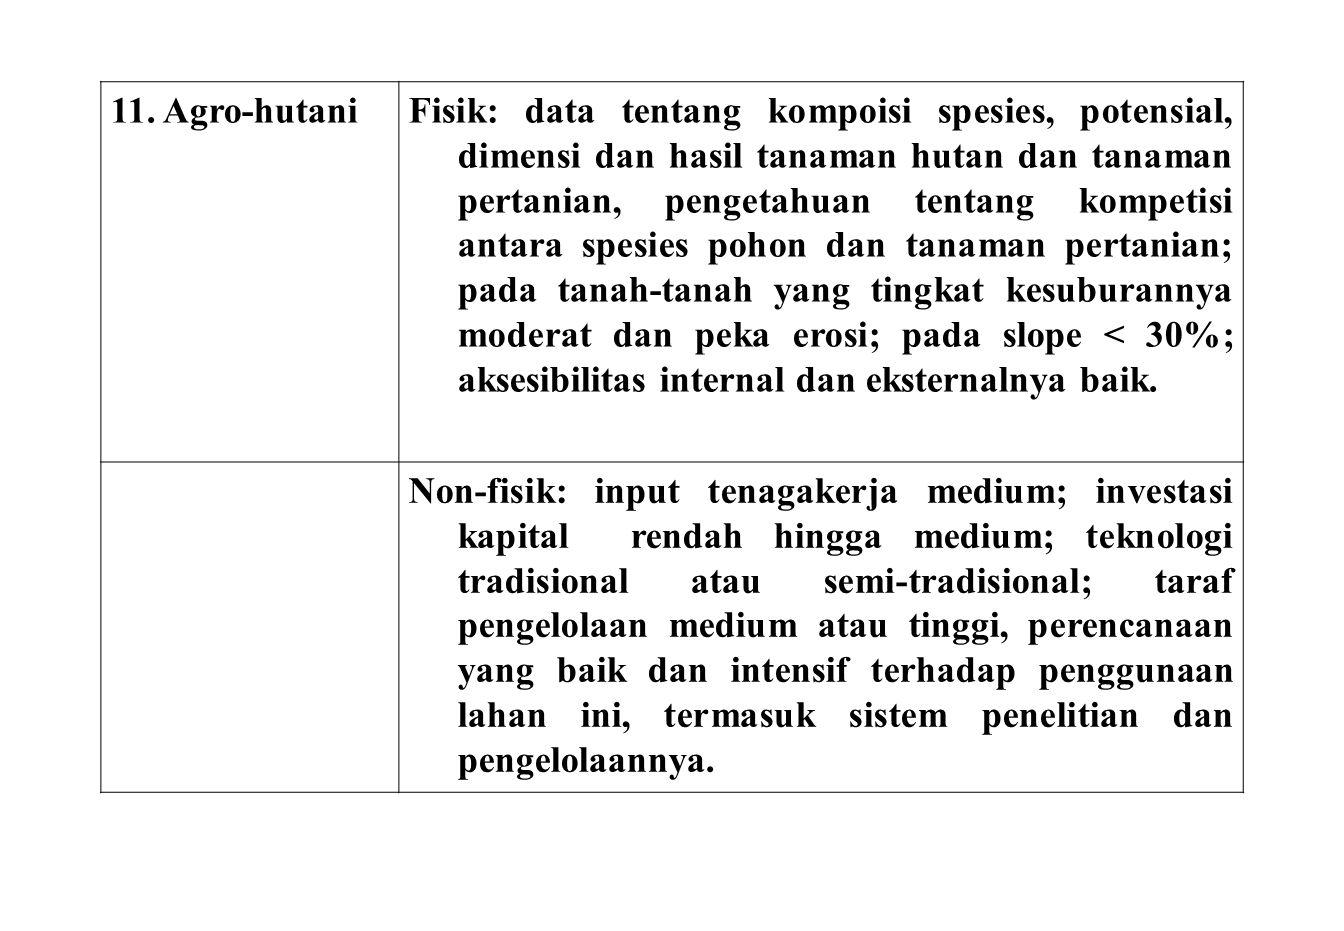 11. Agro-hutani